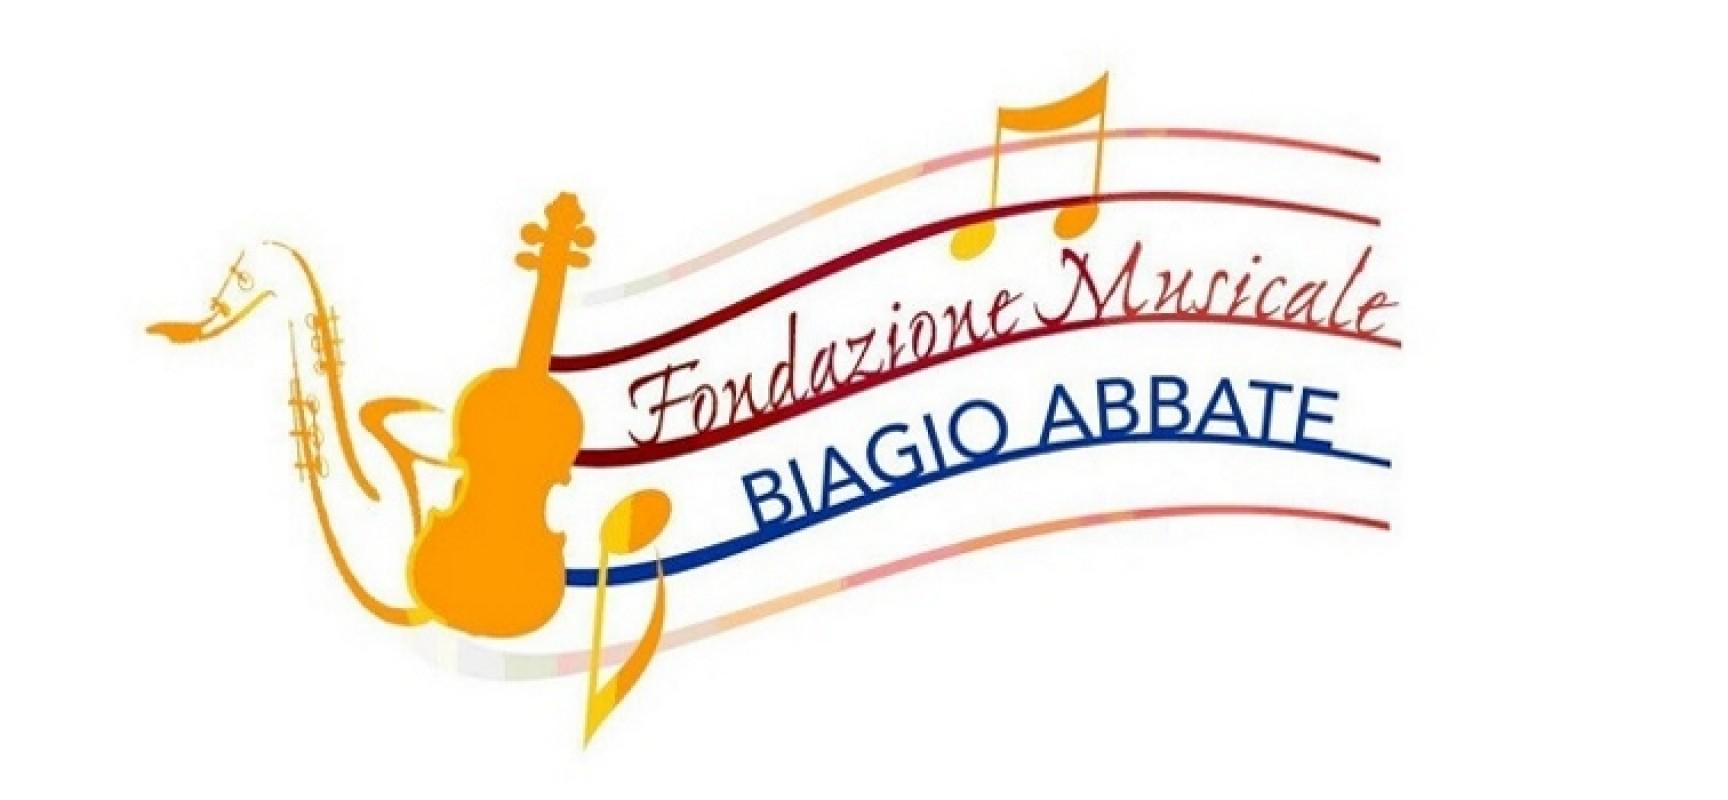 Fondazione Biagio Abbate, selezioni Orchestra Giovanile BAT / COME CANDIDARSI